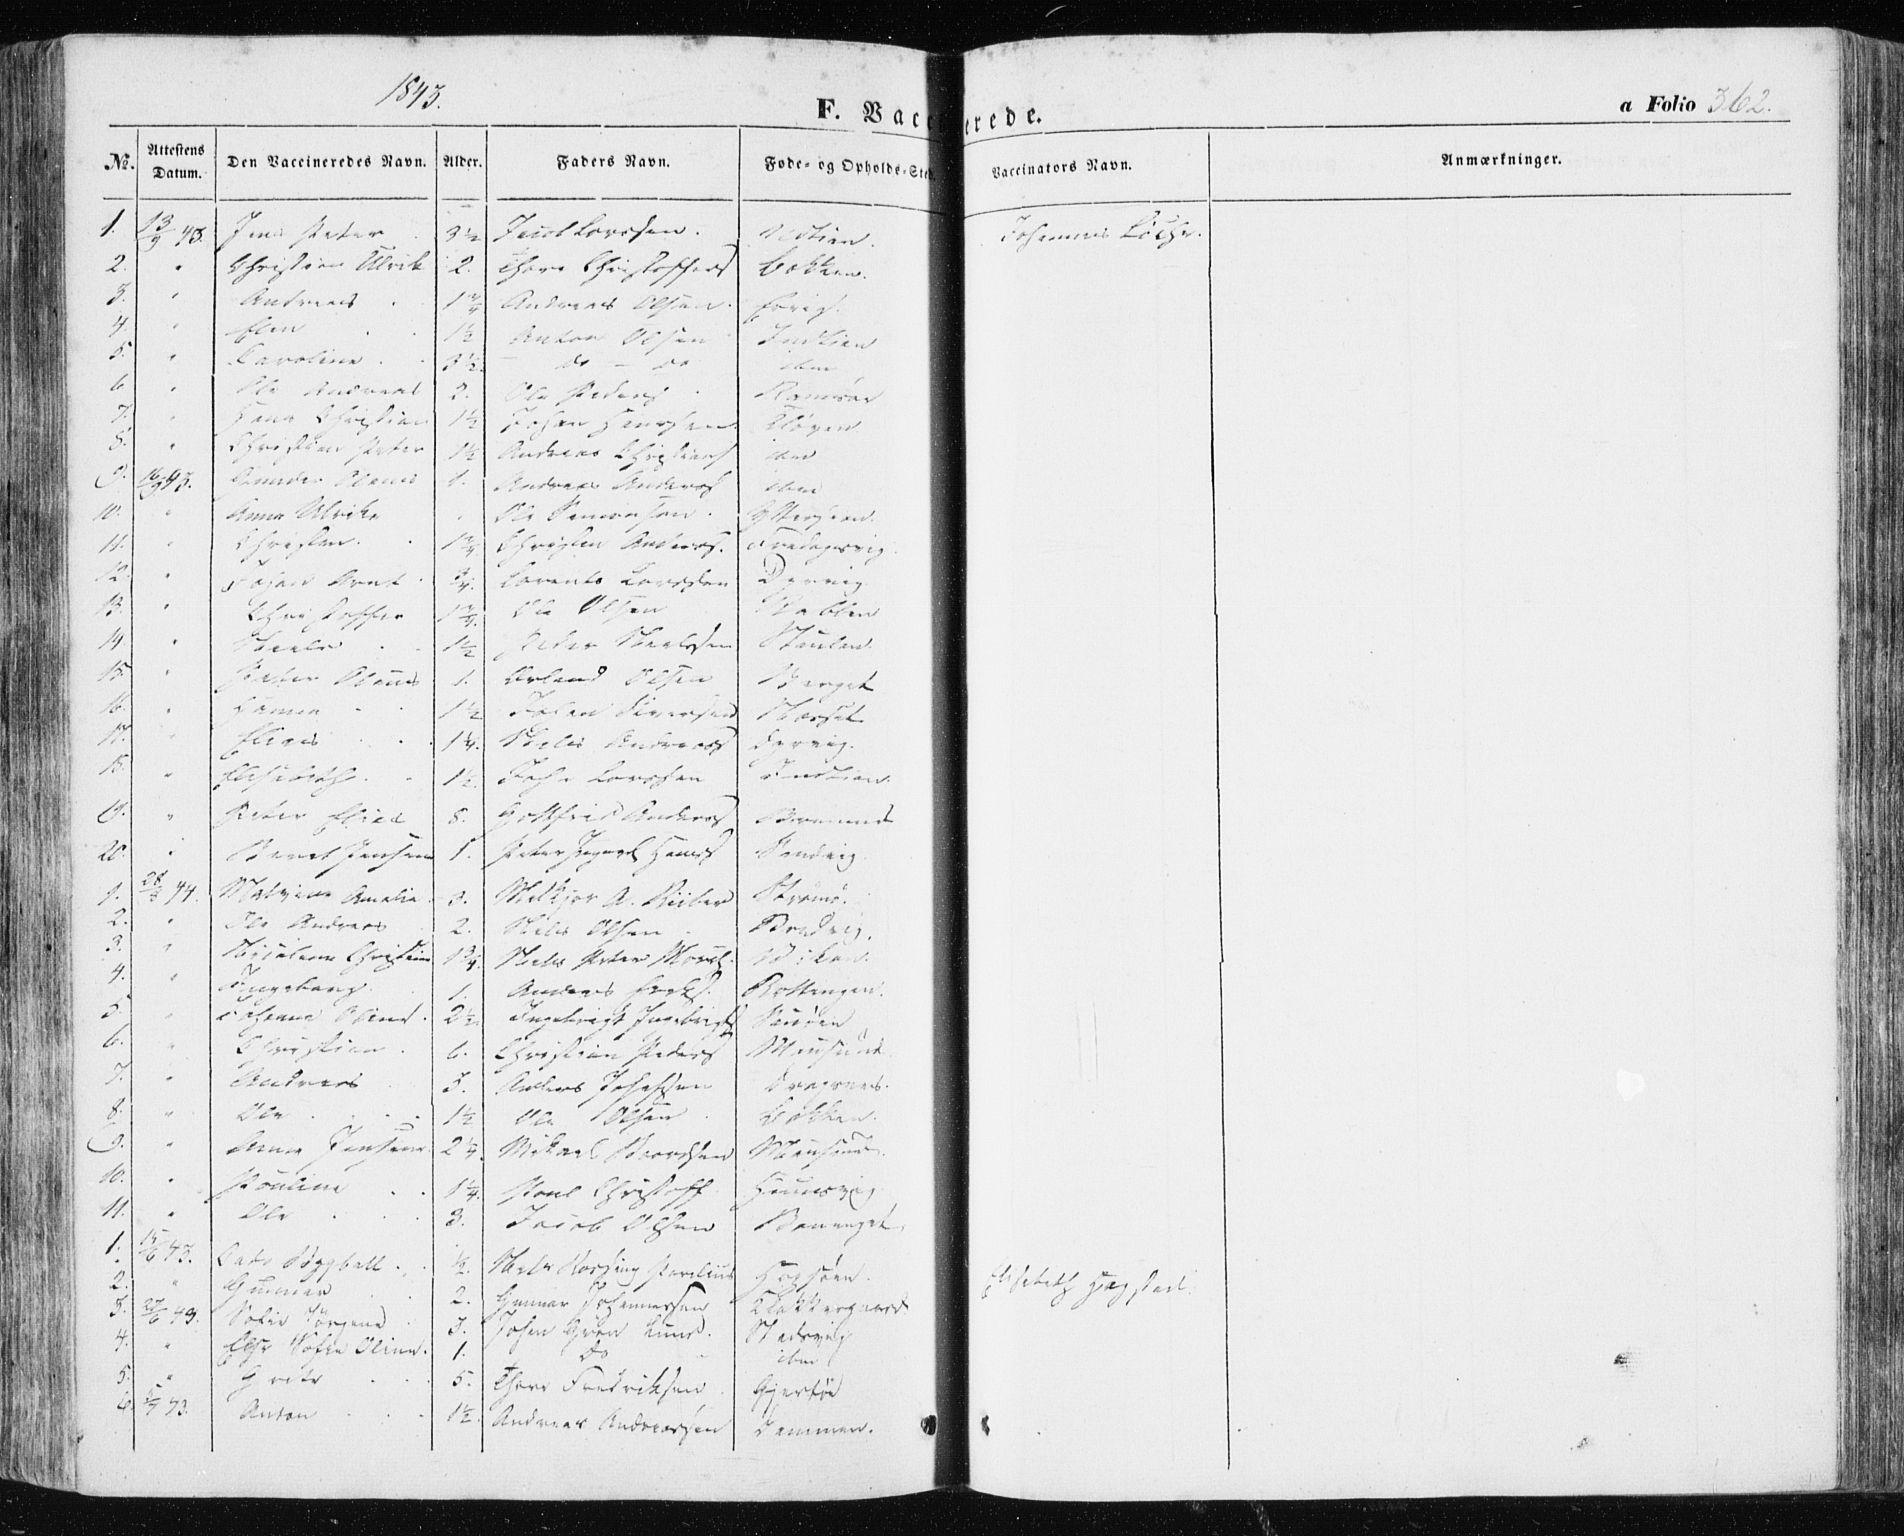 SAT, Ministerialprotokoller, klokkerbøker og fødselsregistre - Sør-Trøndelag, 634/L0529: Ministerialbok nr. 634A05, 1843-1851, s. 362